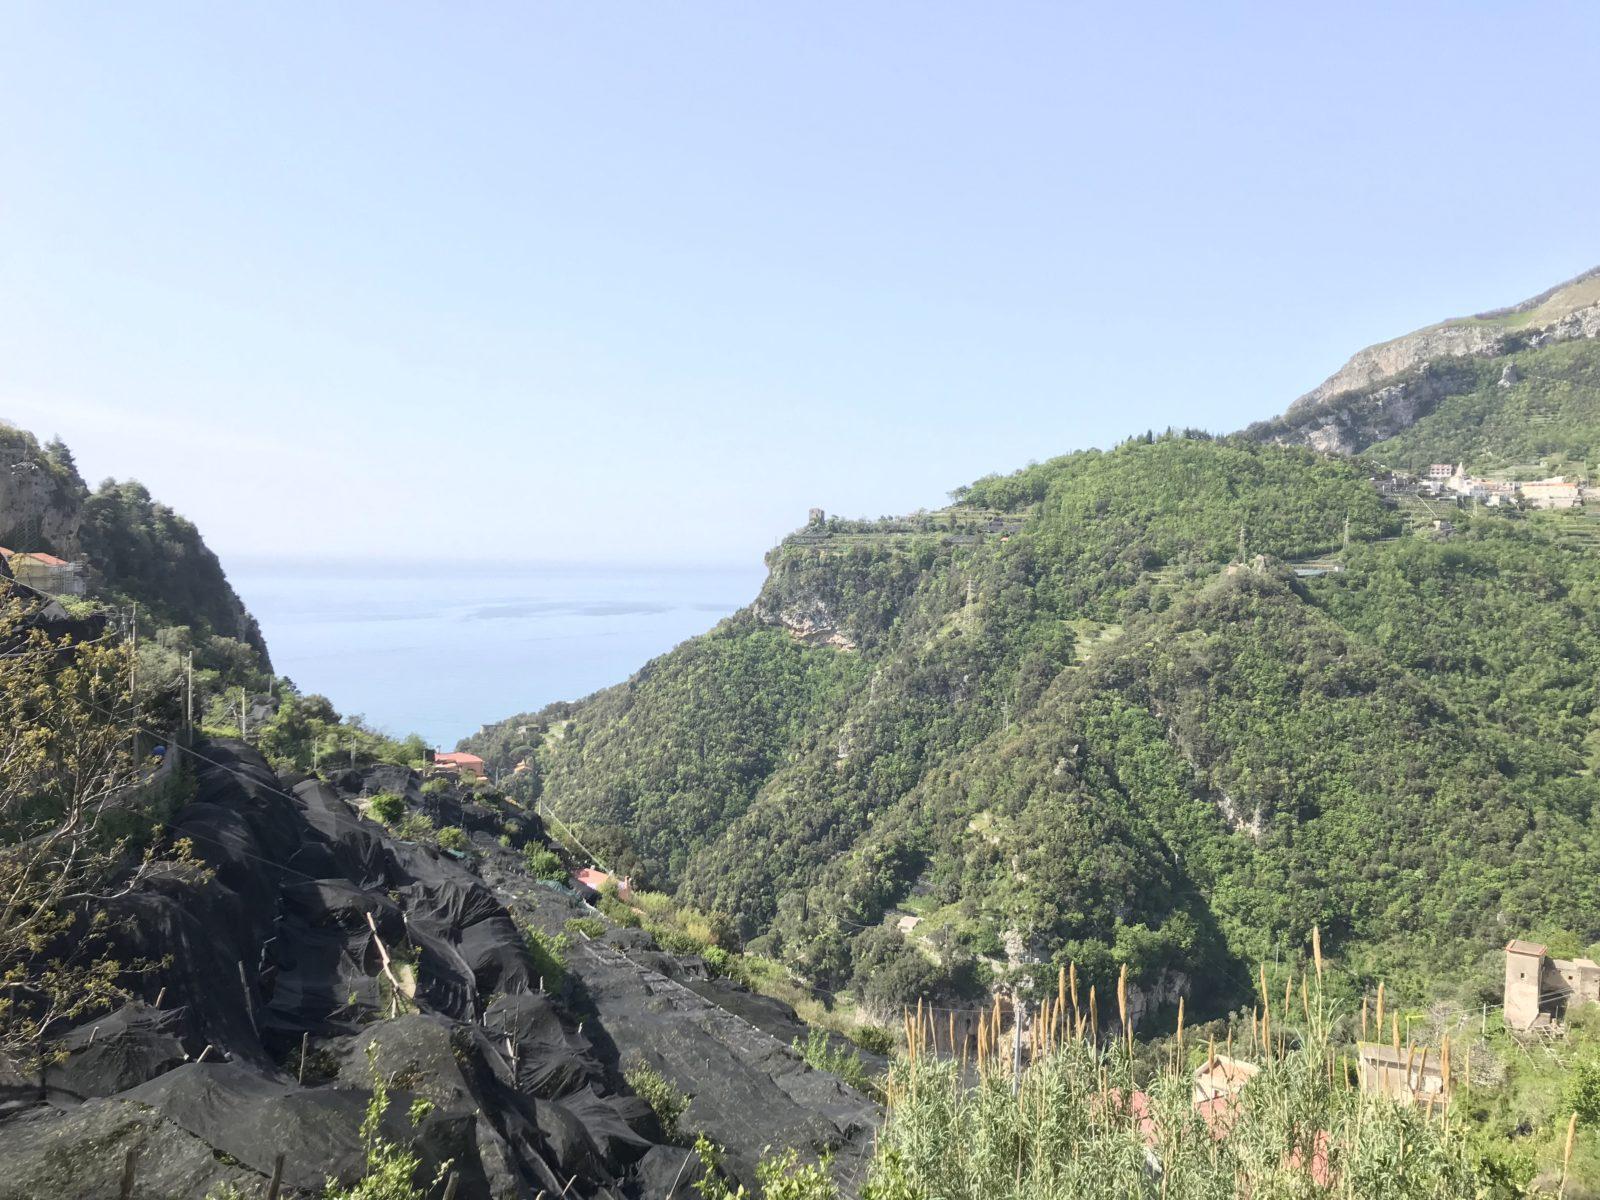 agerola, costiera amalfitana, agerola campania, regione campania, sposi campania, turismo campania, valle delle ferriere, spaghetti alla nerano, provolone del monaco, turismo